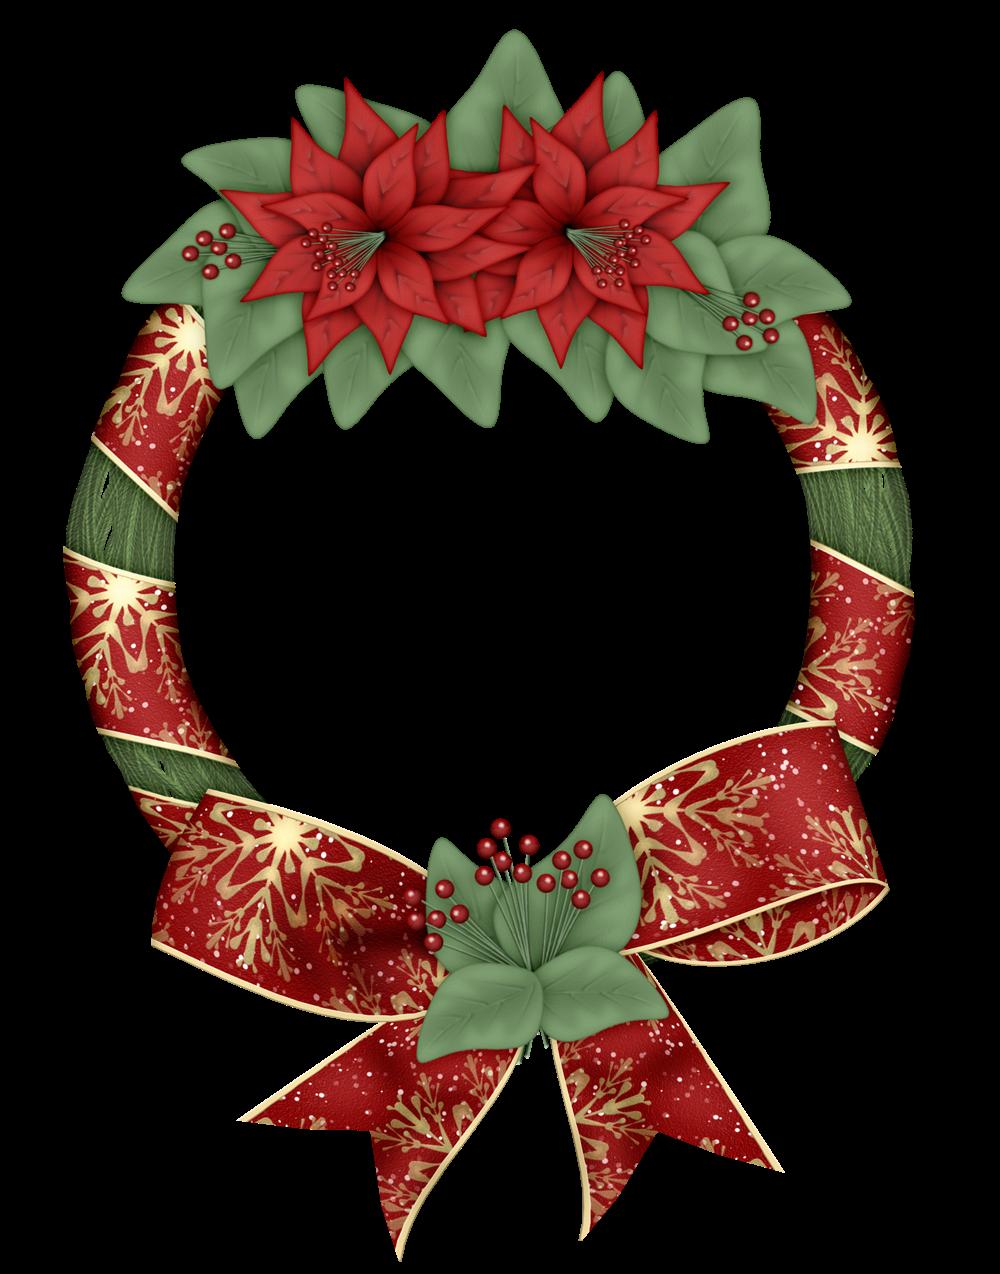 El rinc n vintage adornos de navidad vintage en png - Adornos para fotos gratis ...